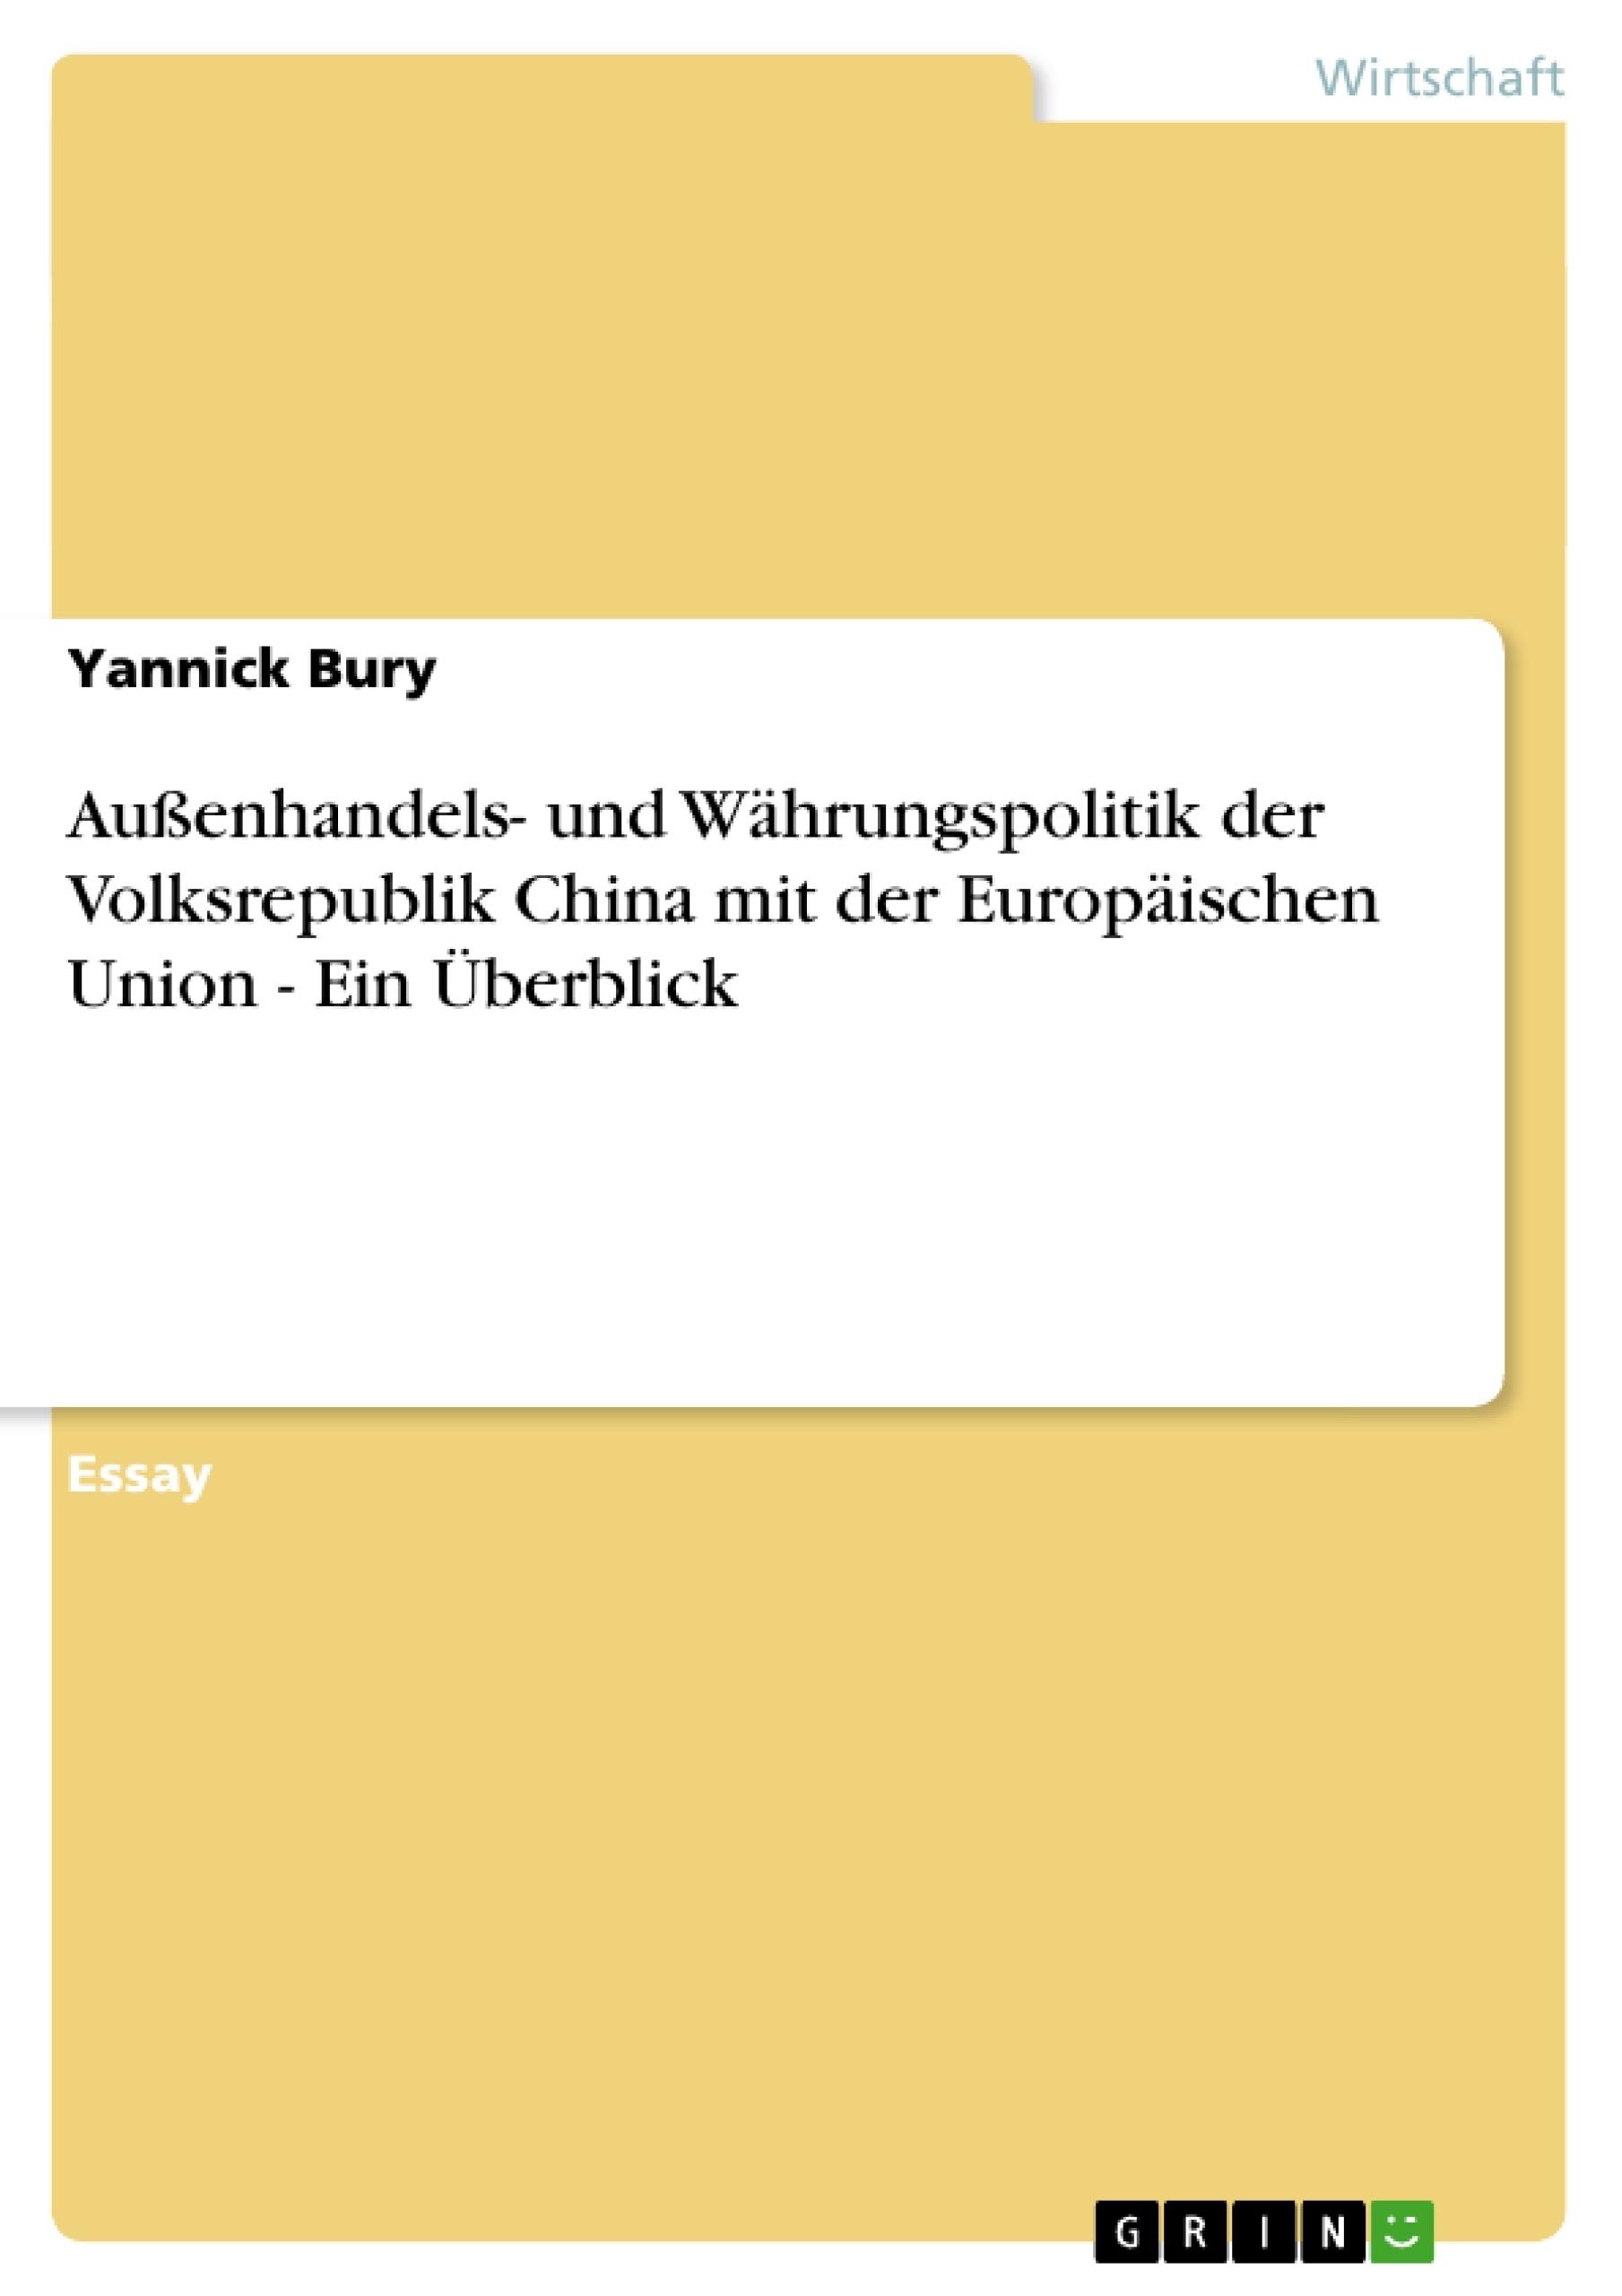 Titel: Außenhandels- und Währungspolitik der Volksrepublik China mit der Europäischen Union - Ein Überblick